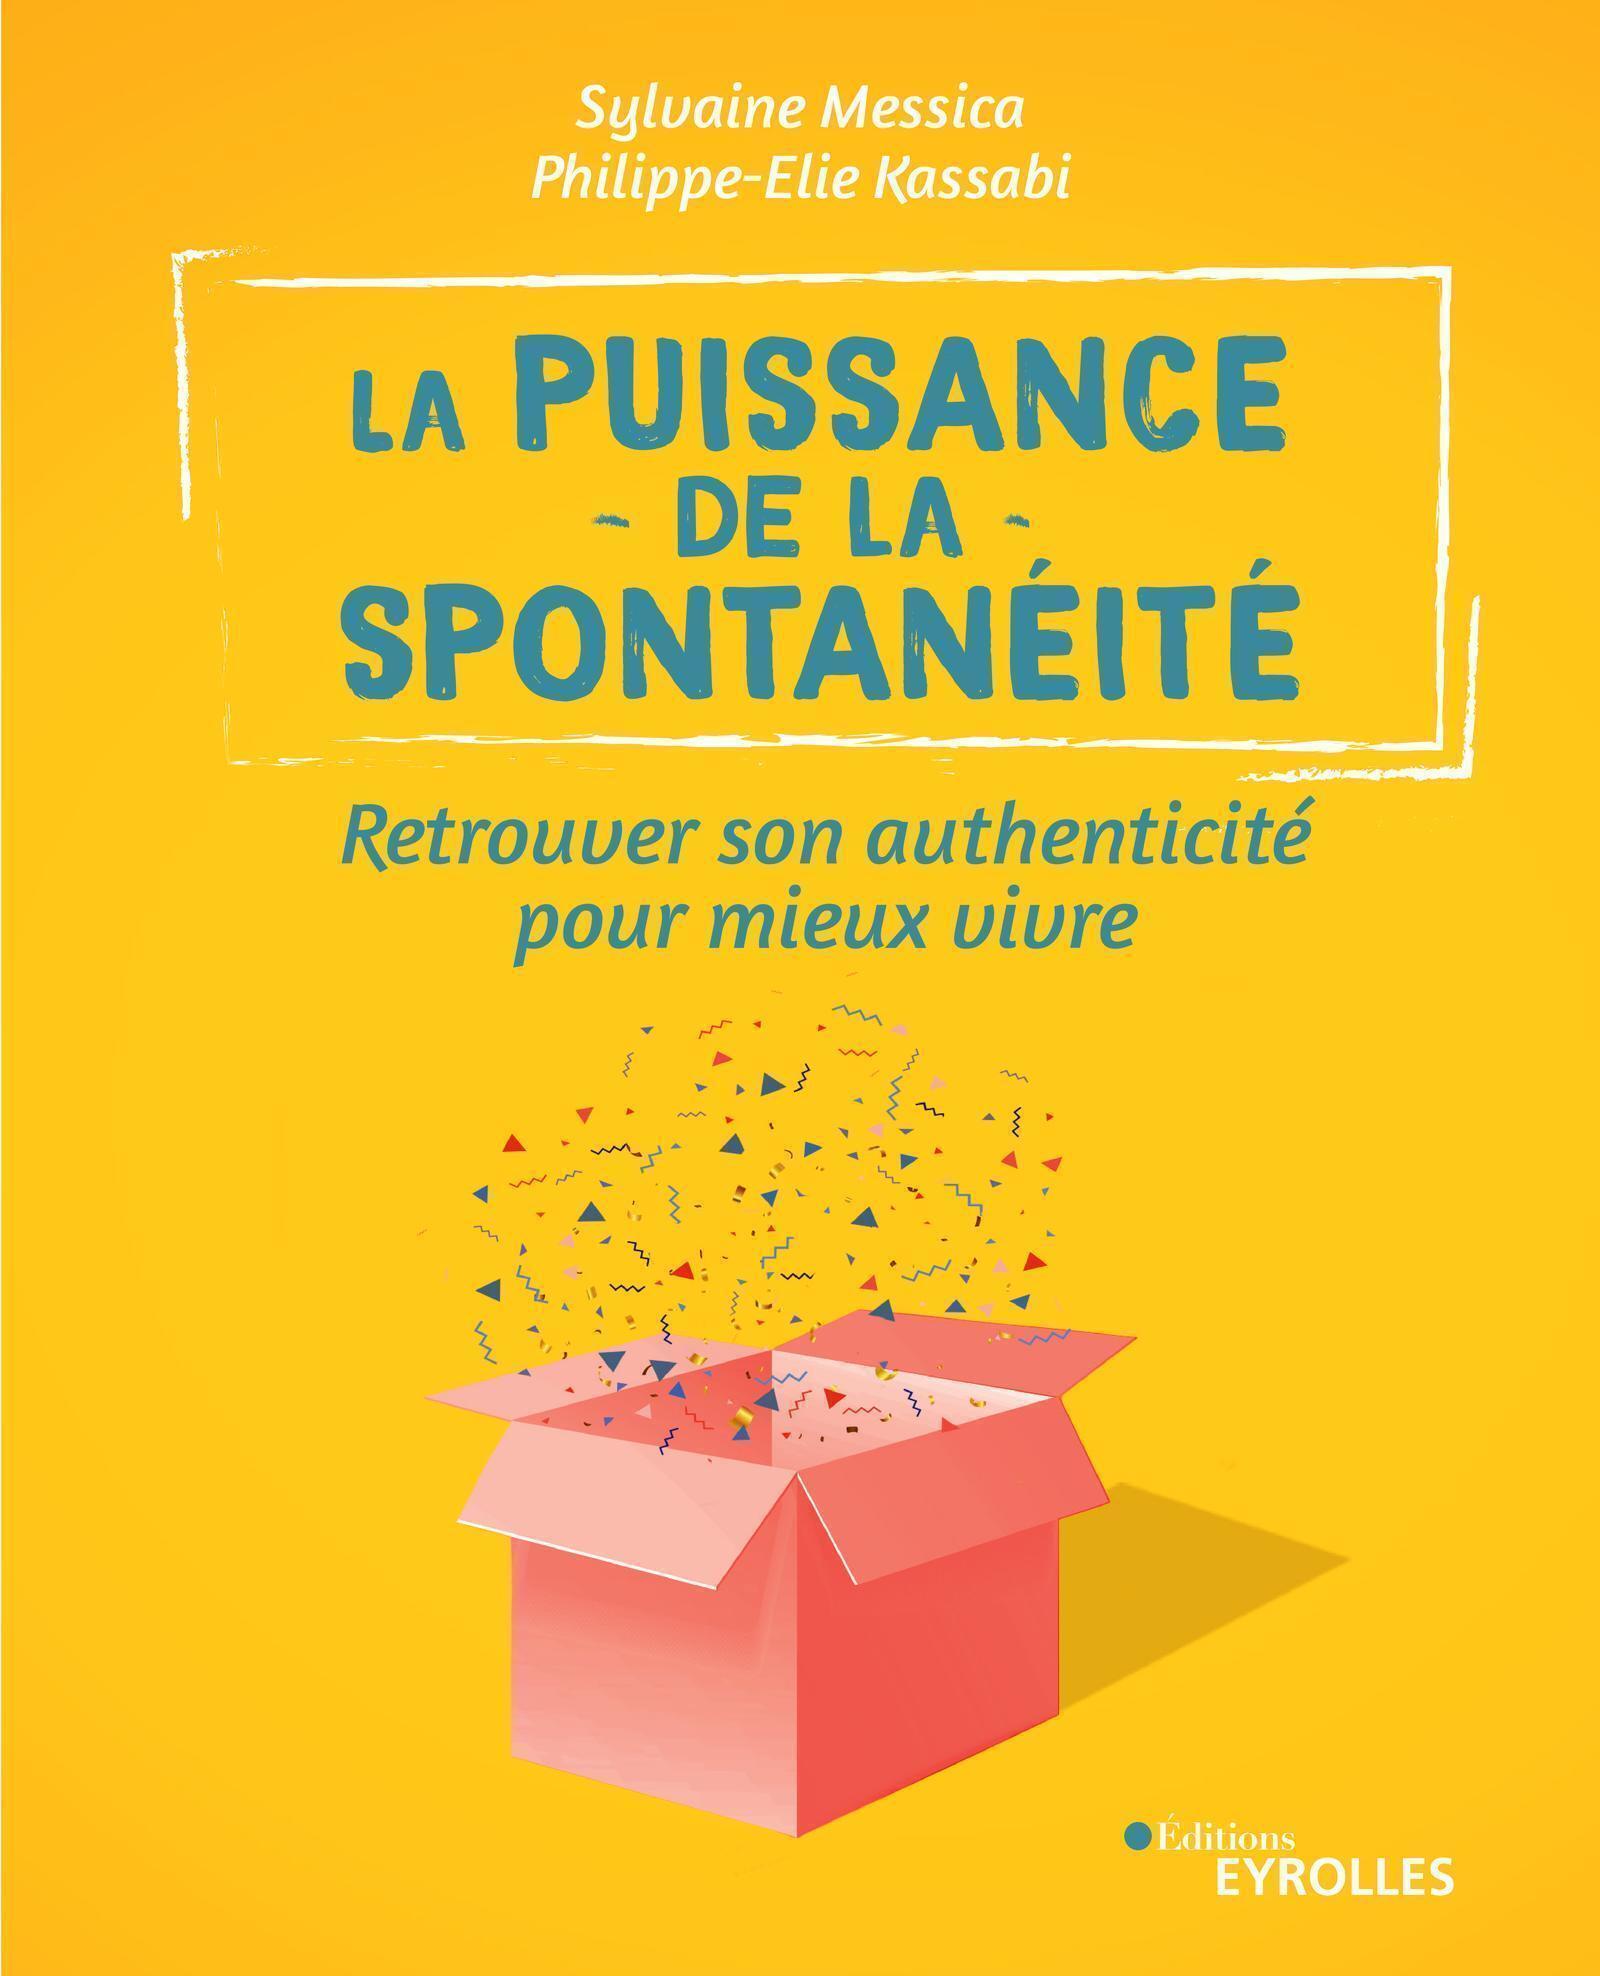 LA PUISSANCE DE LA SPONTANEITE - RETROUVER SON AUTHENTICITE POUR VIVRE MIEUX